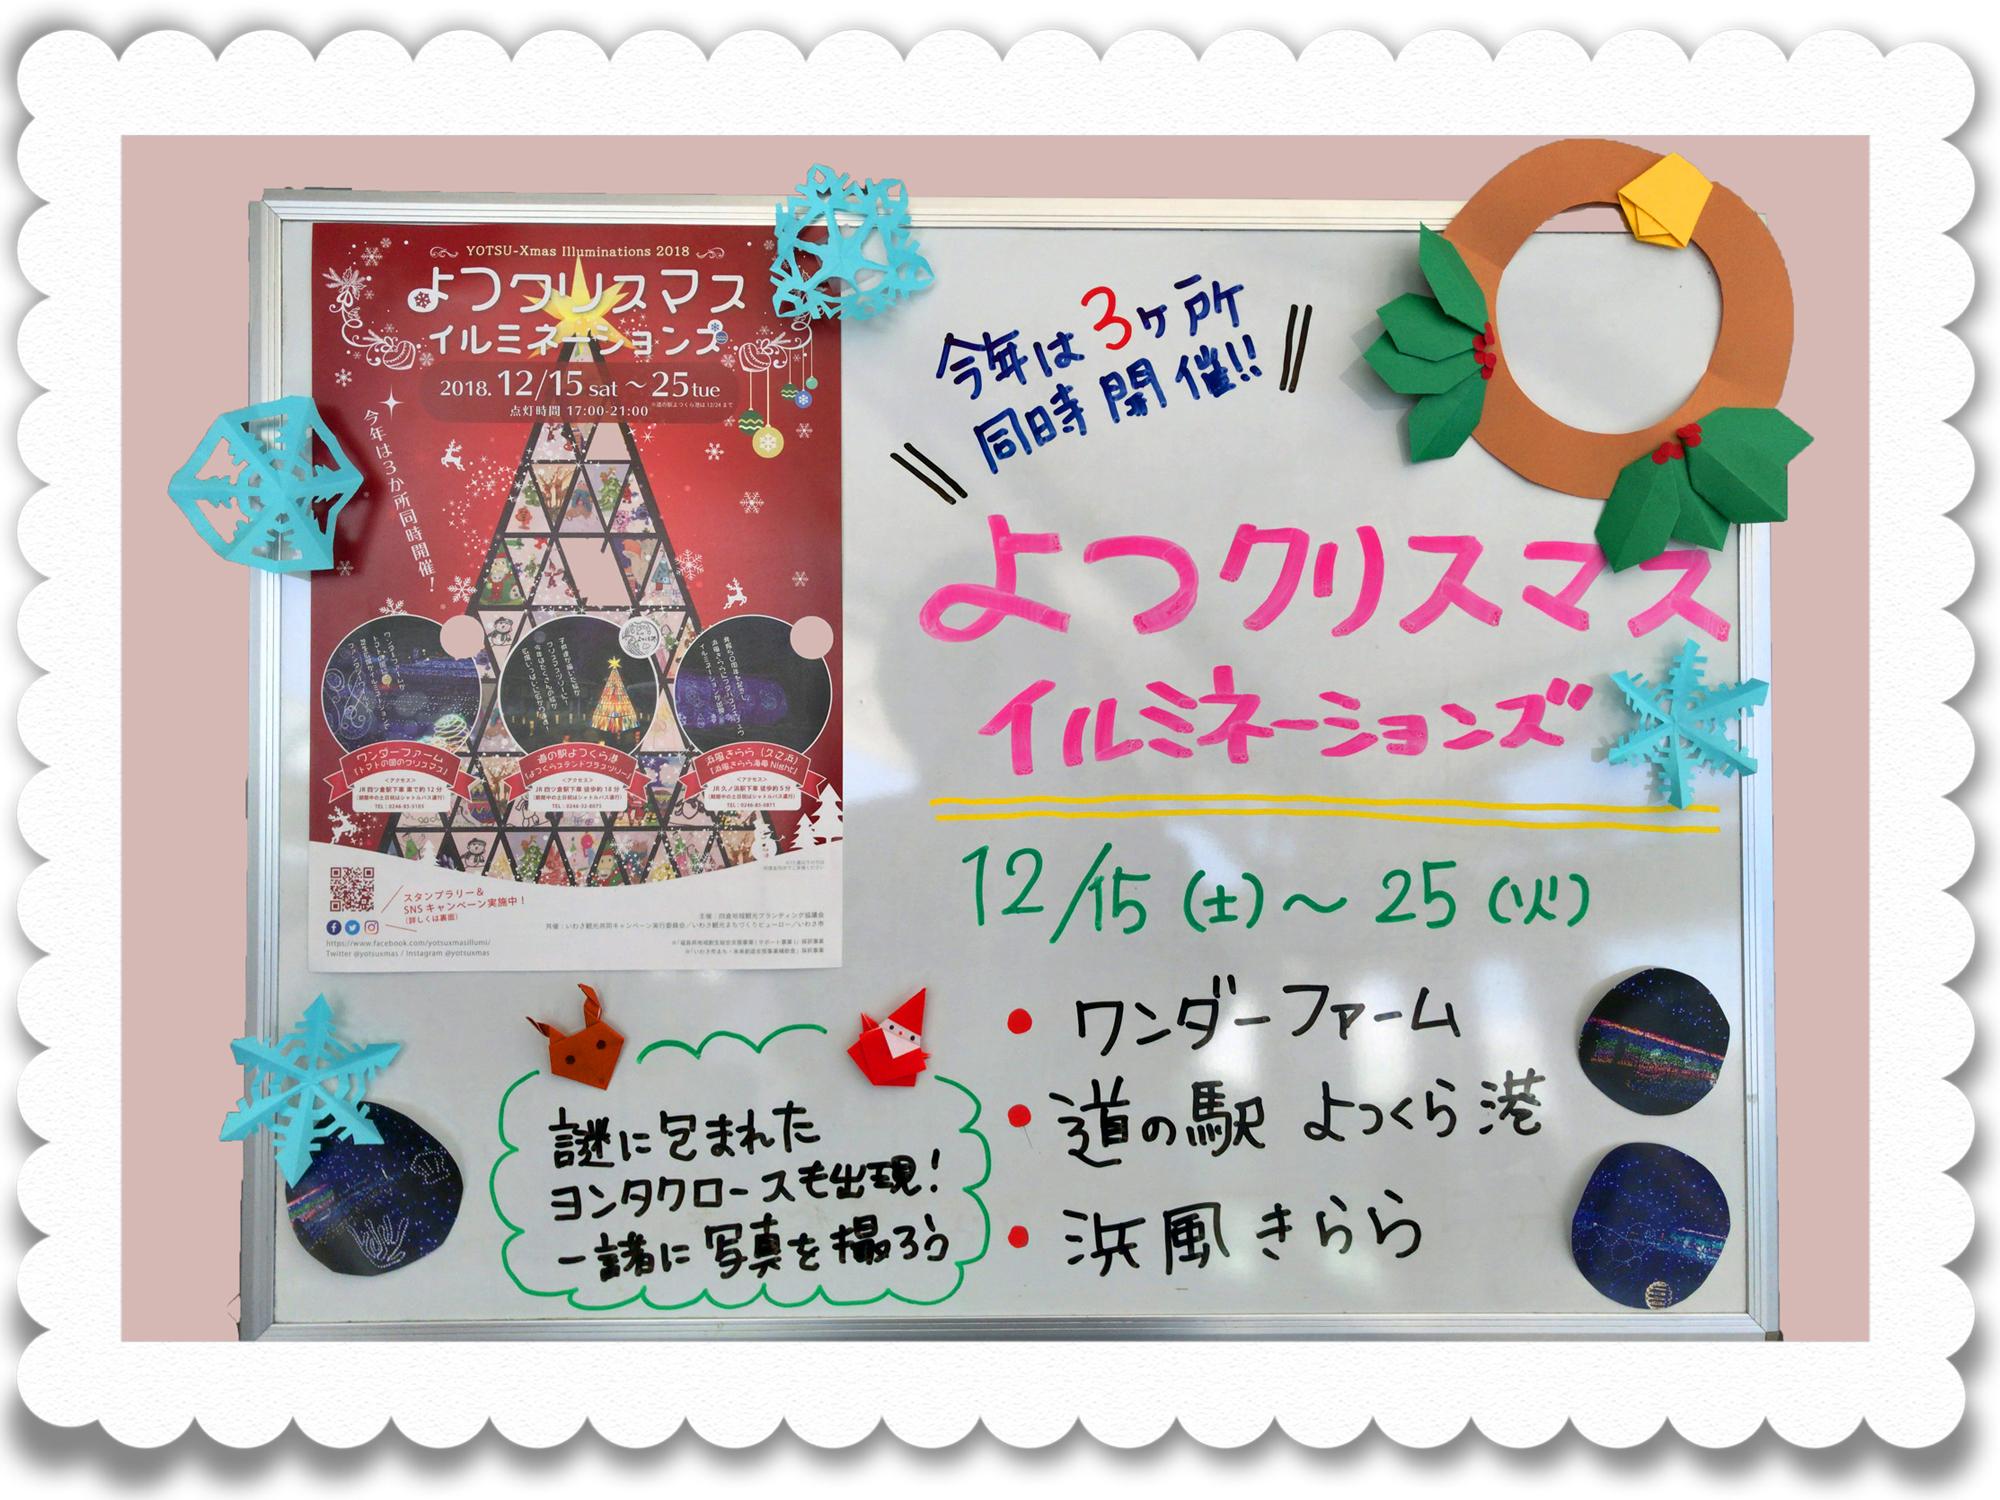 冬のいわきを光で彩る「よつクリスマス イルミネーションズ2018」今週末よりスタート! [平成30年12月10日(月)更新]2